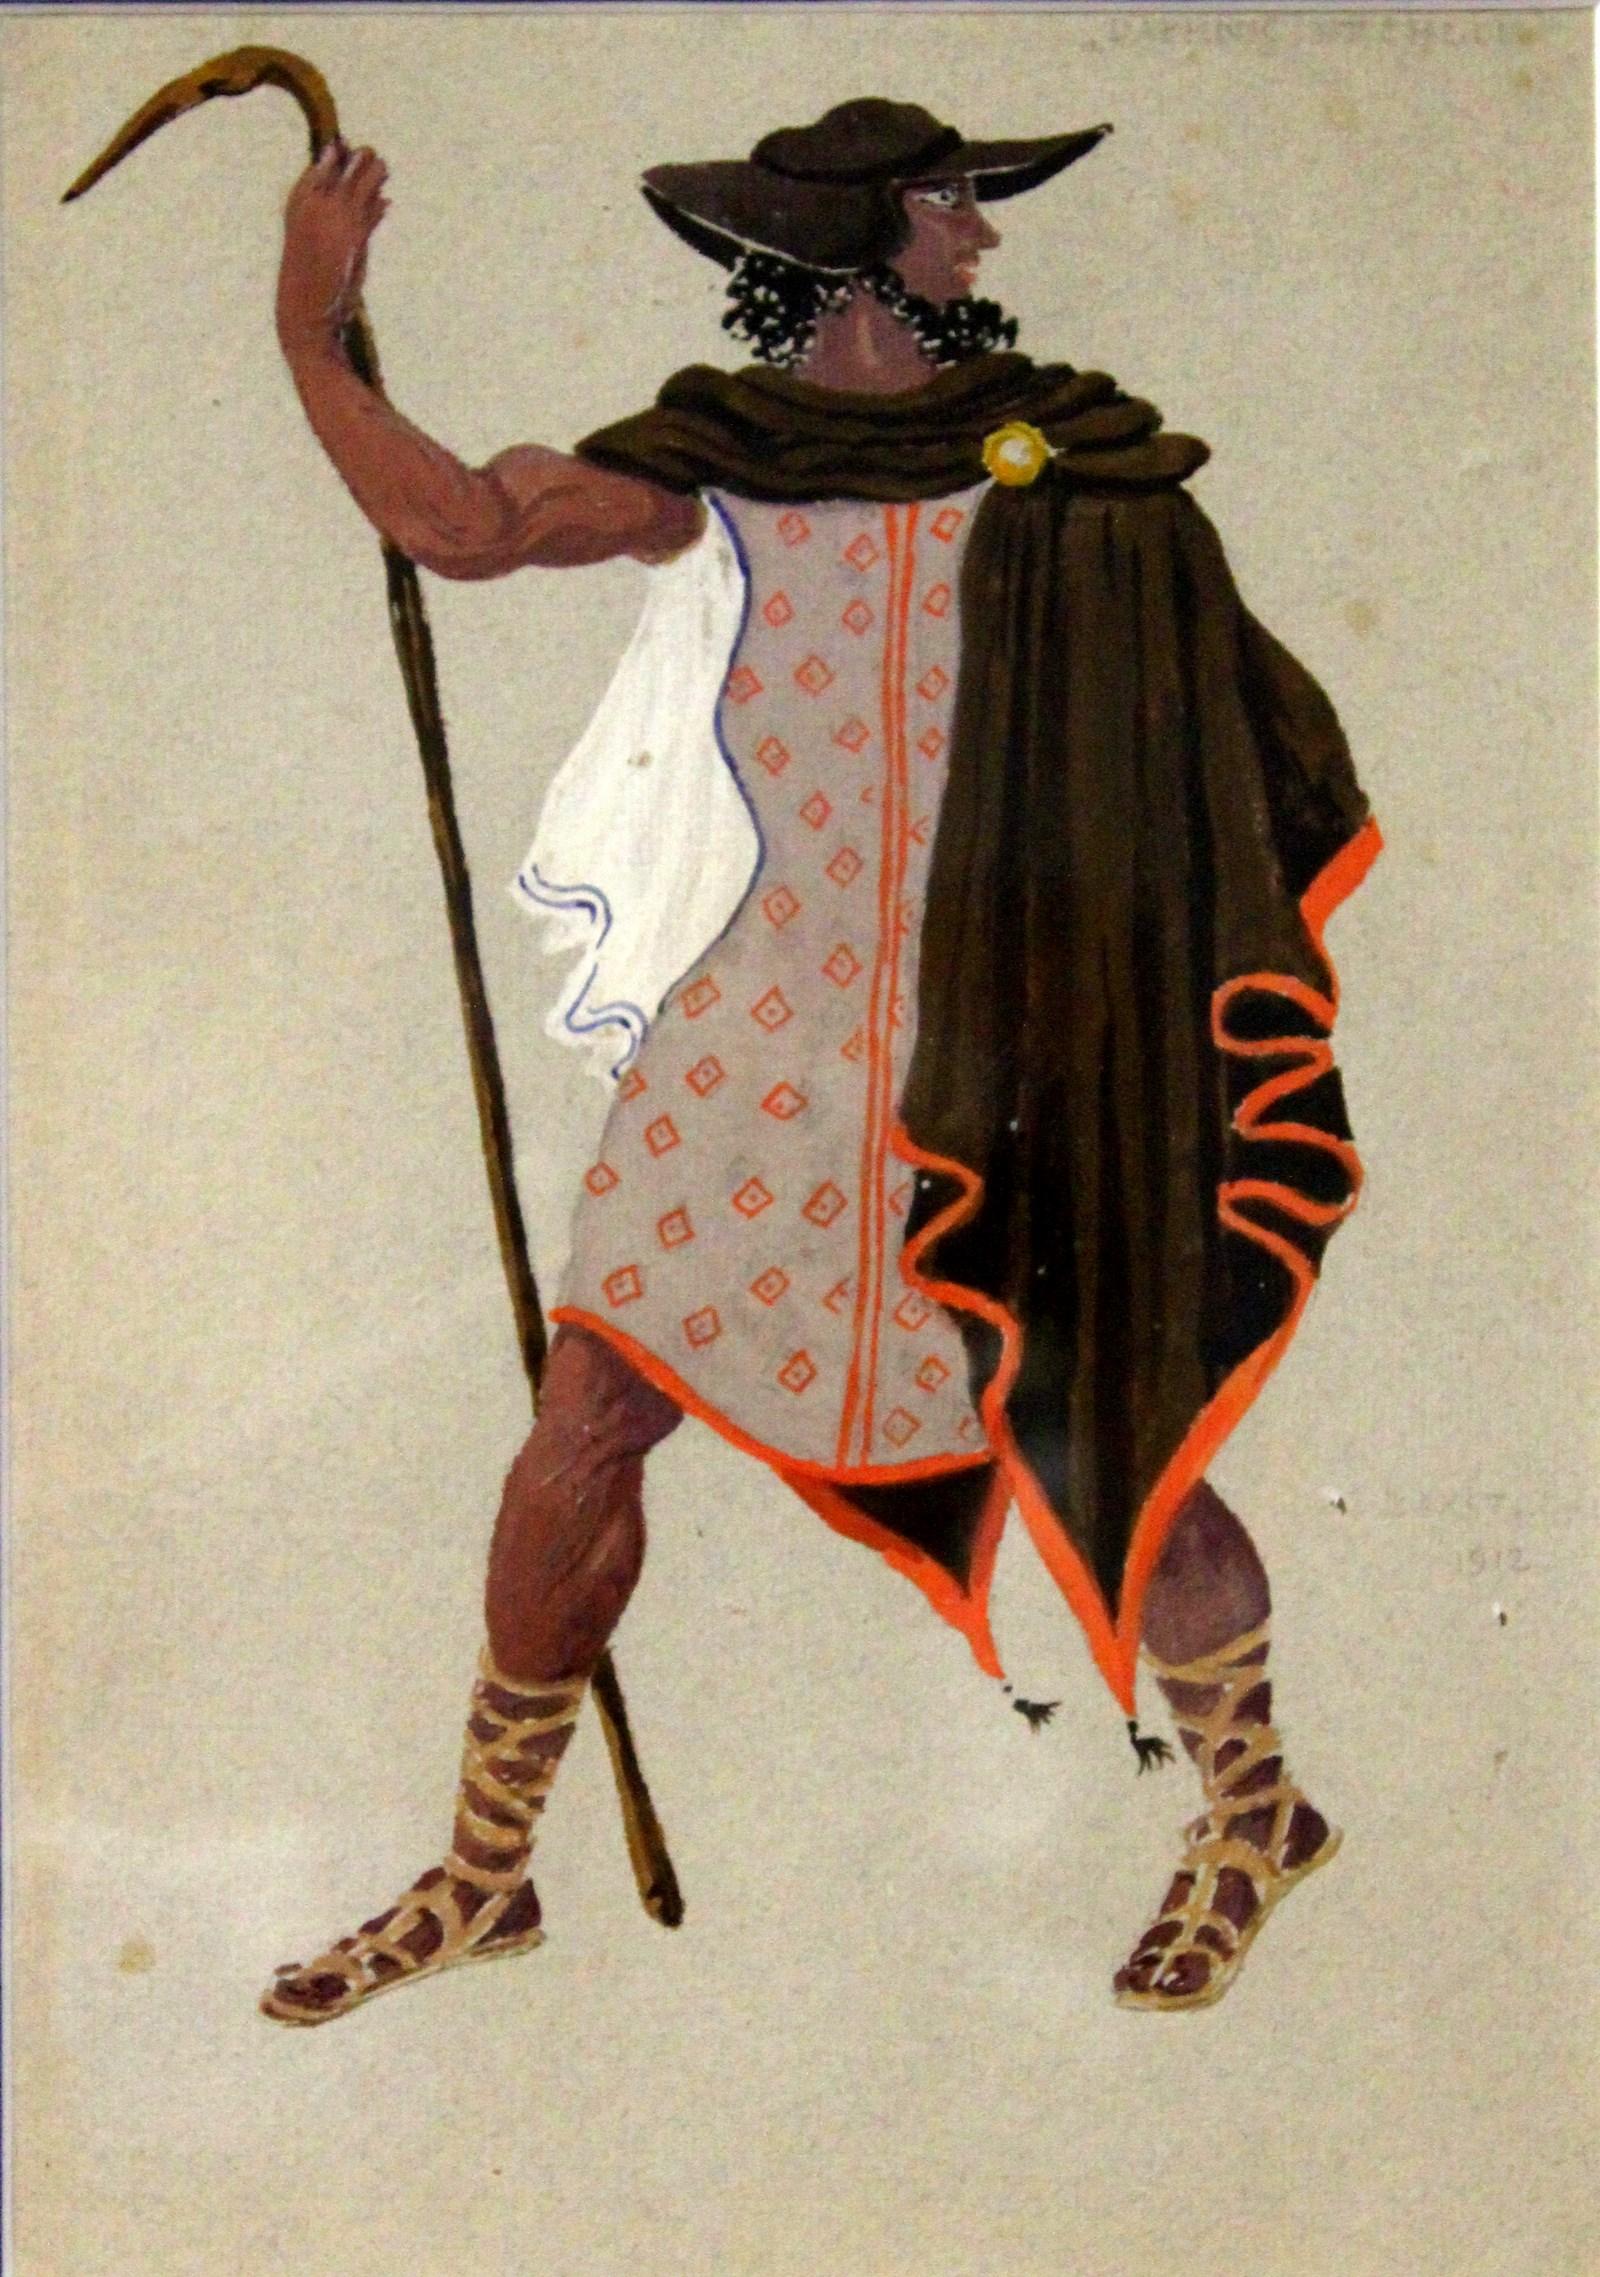 ����� ���. 1866-1924. ����� �������� �������. 1912. ����� ������� � ����� ������ �����, ������, ��������, ������, �������� �����-������������� ��������������� ����� ������������ � ������������ ��������� �������� �������: aldusku.livejournal.com